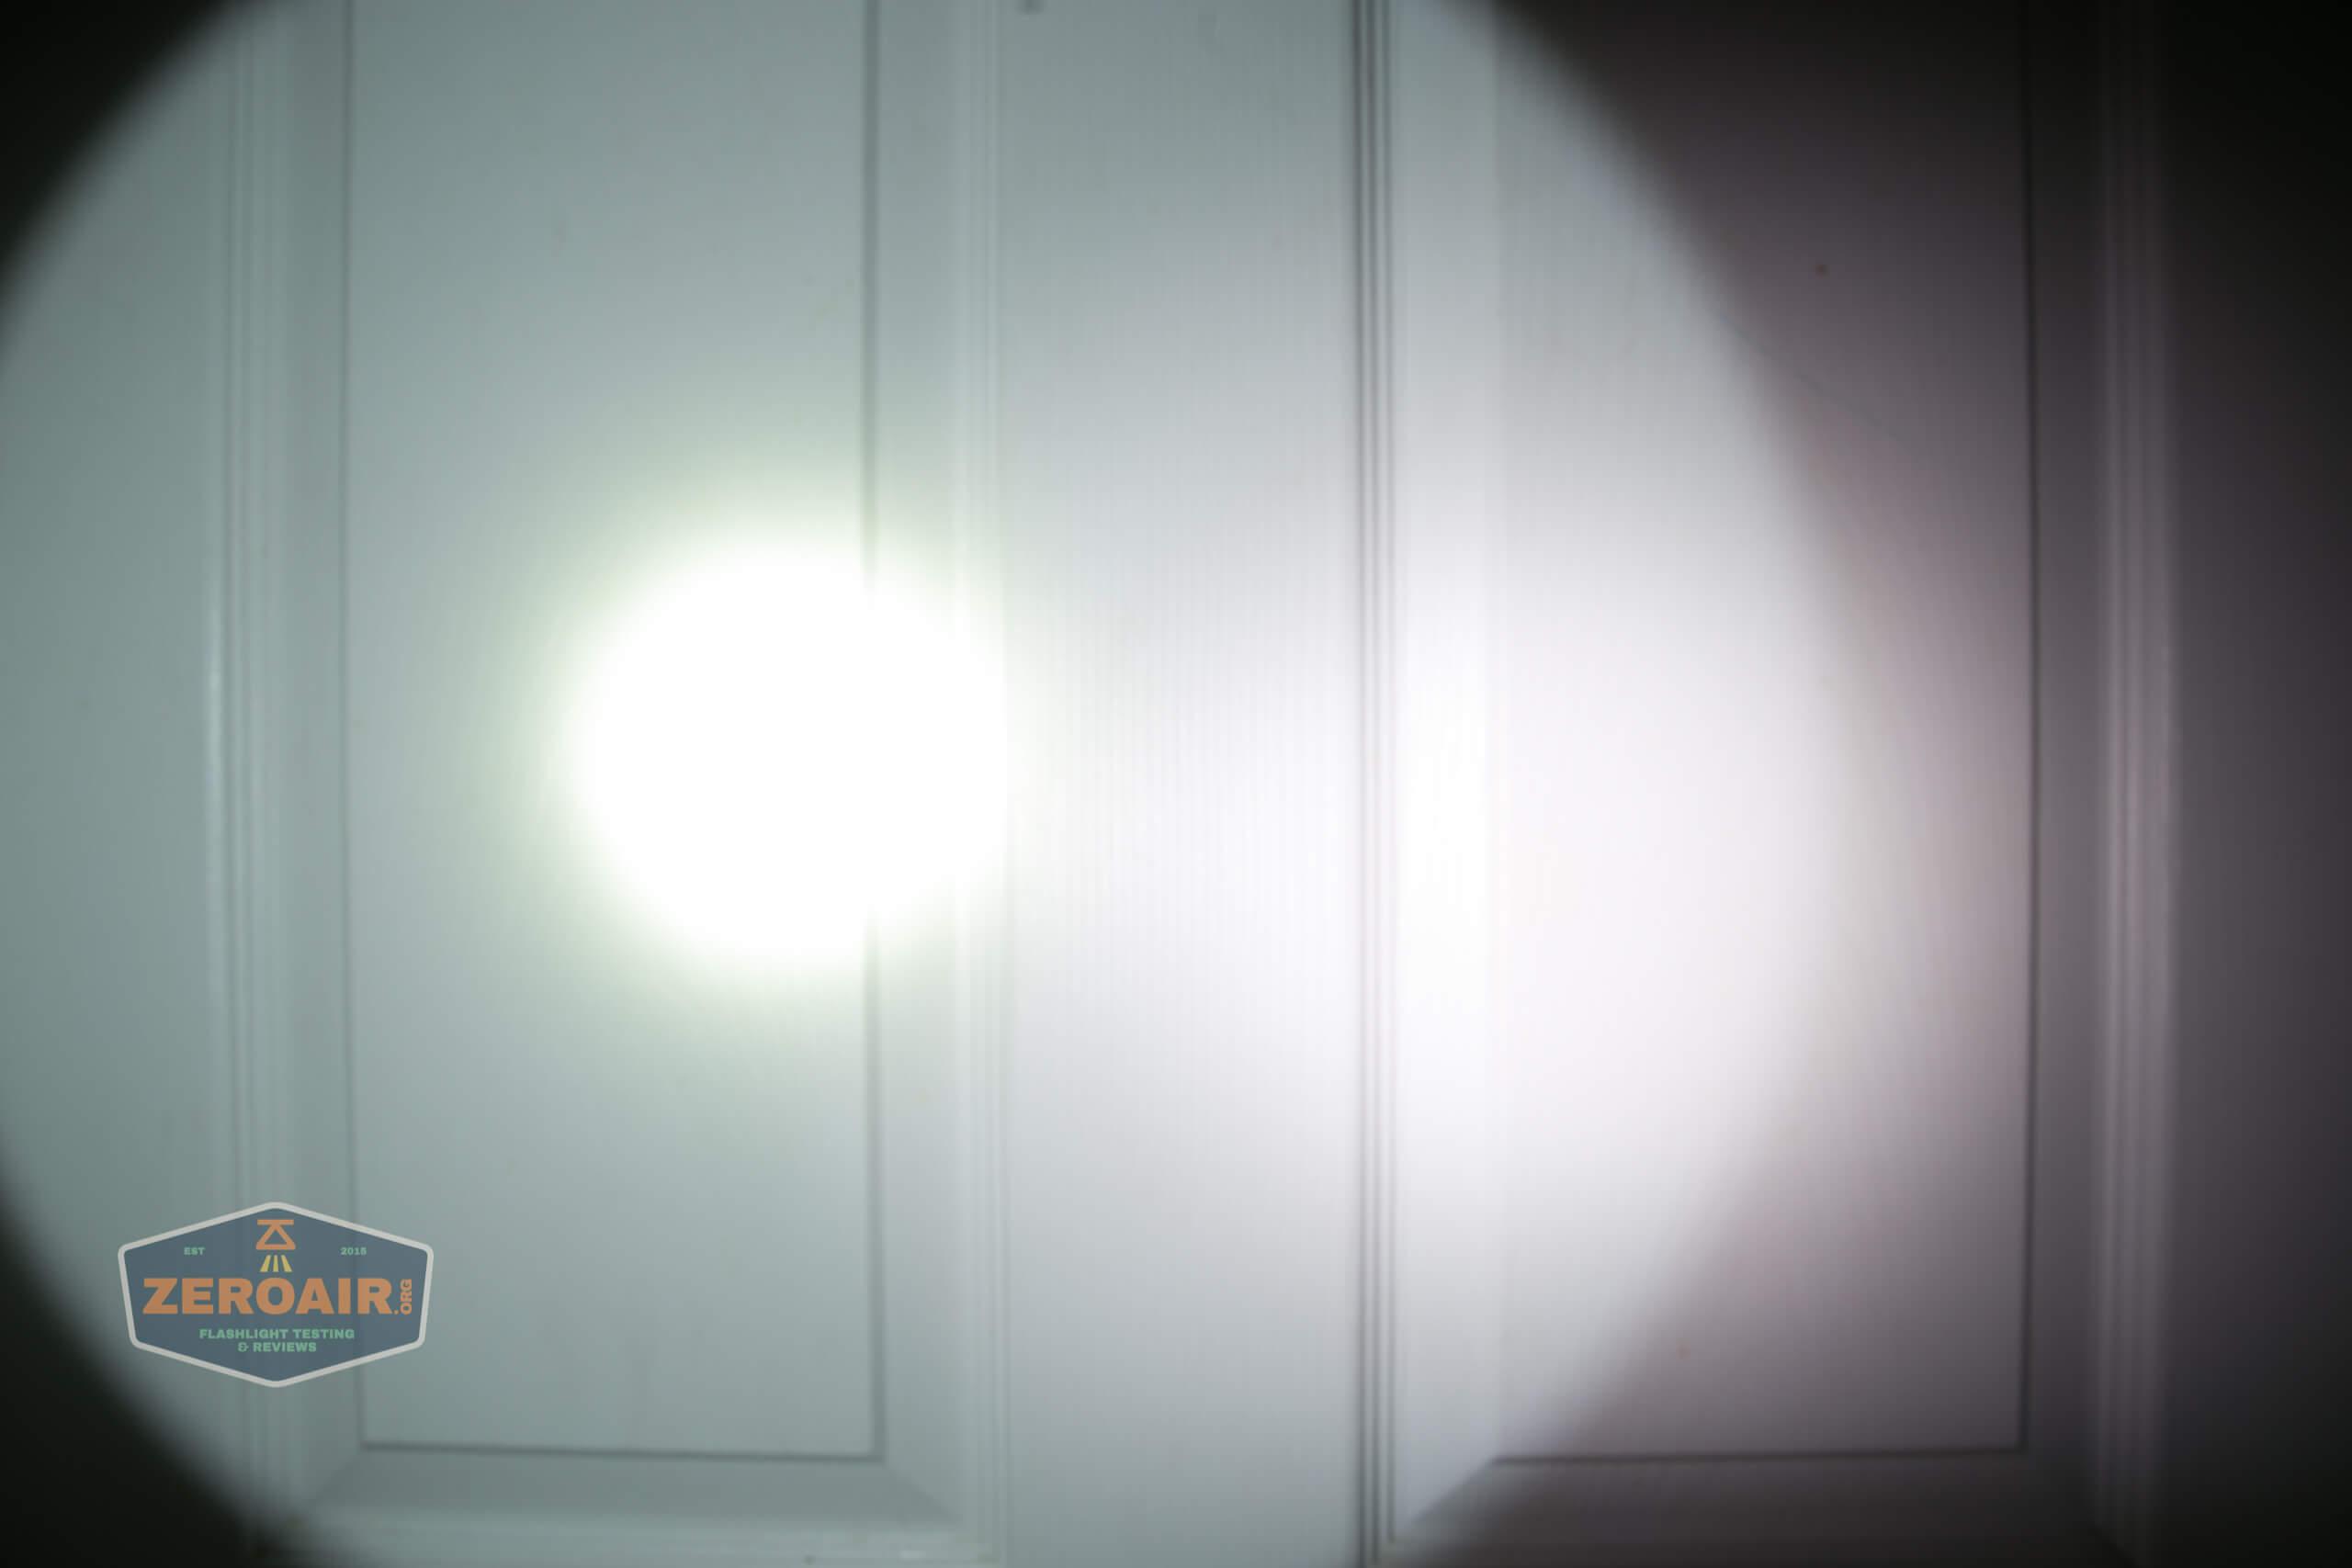 fenix lr40r beamshots door spot 2